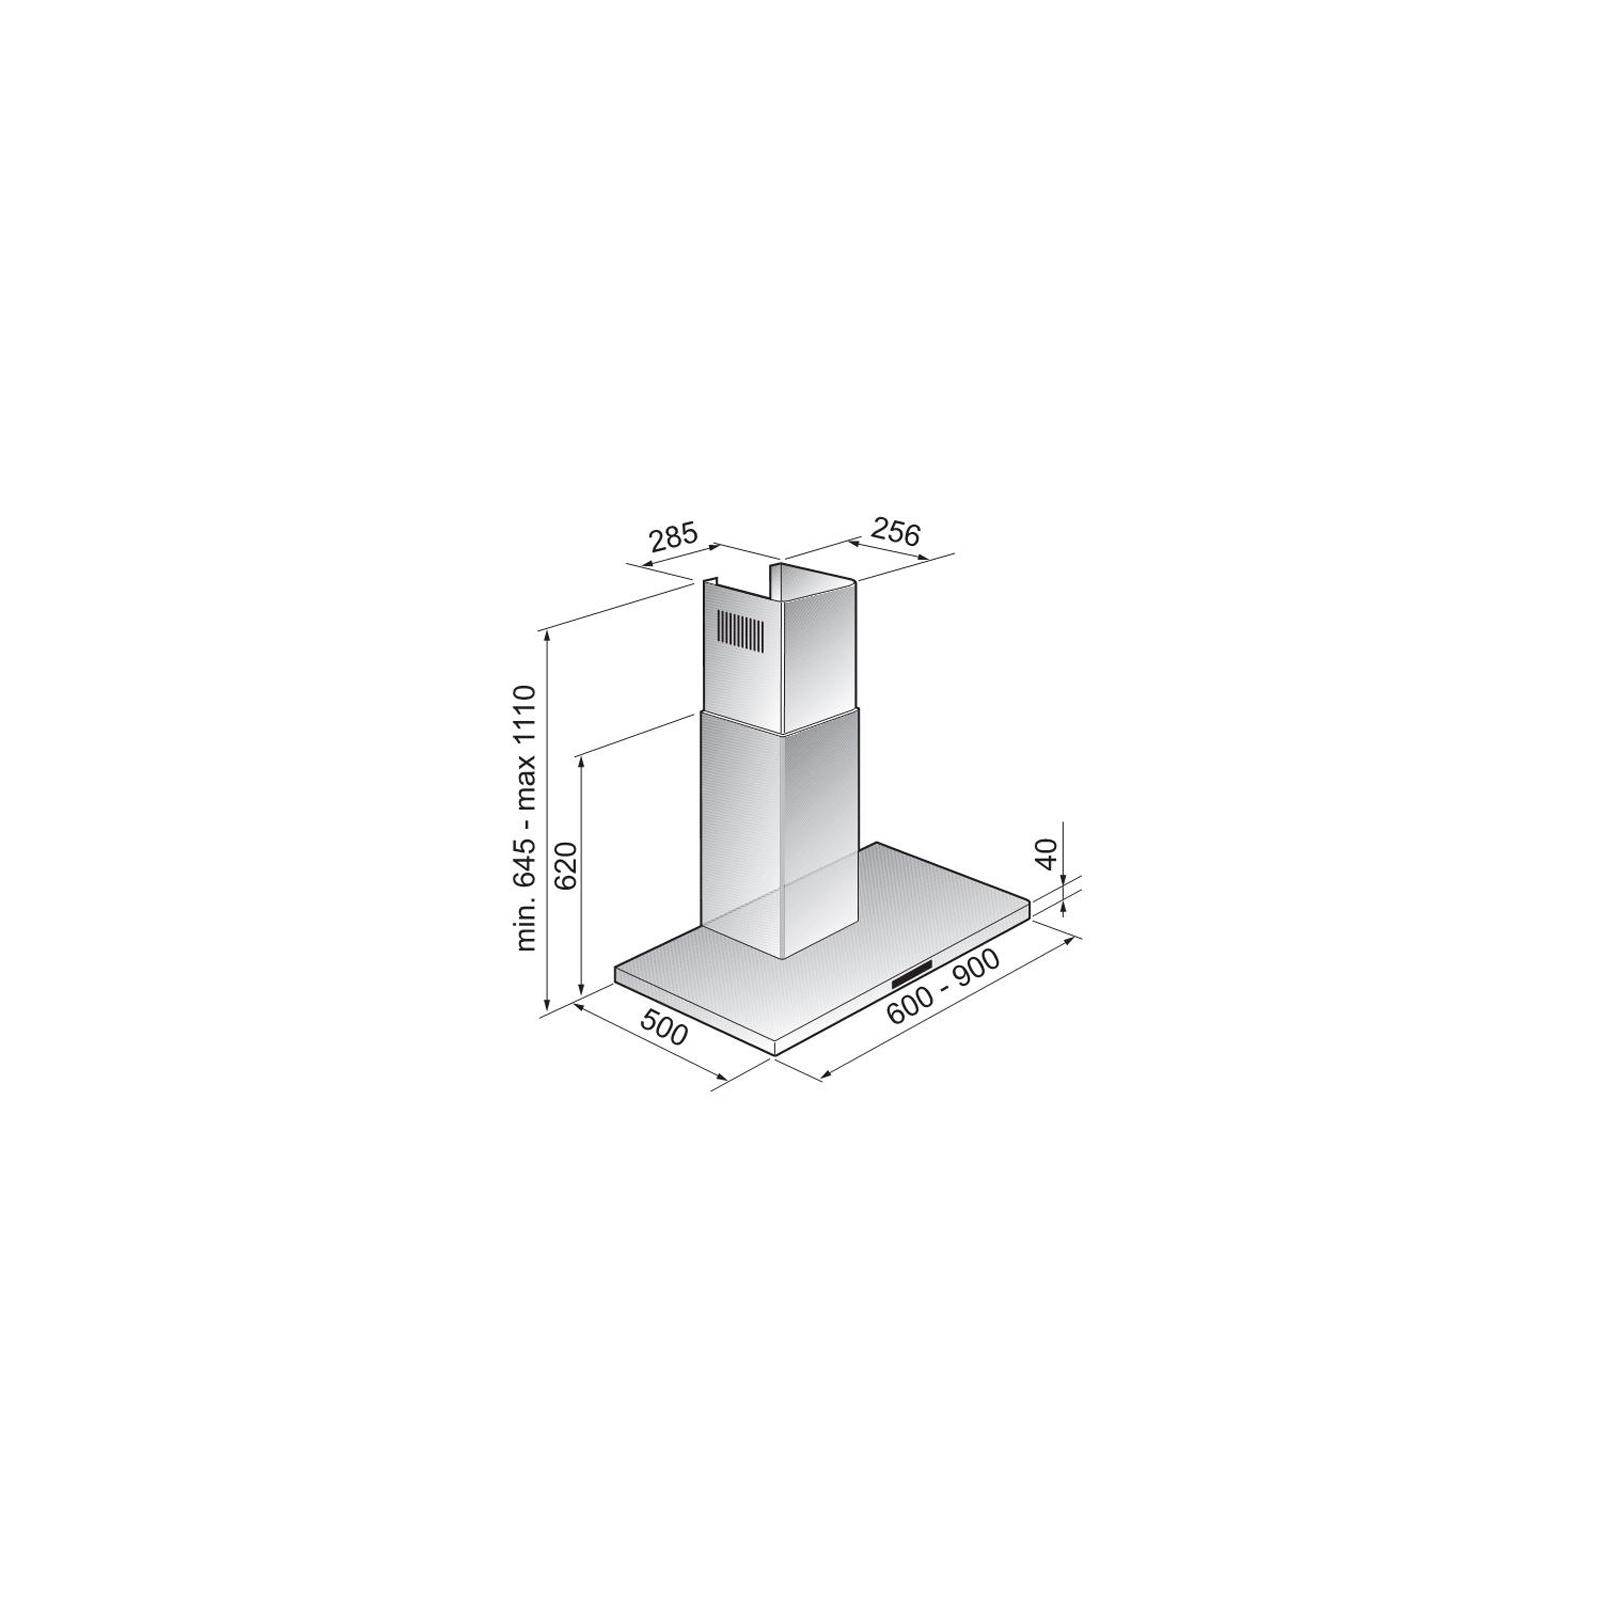 Вытяжка кухонная ZIRTAL KD-SW 60 IX изображение 2